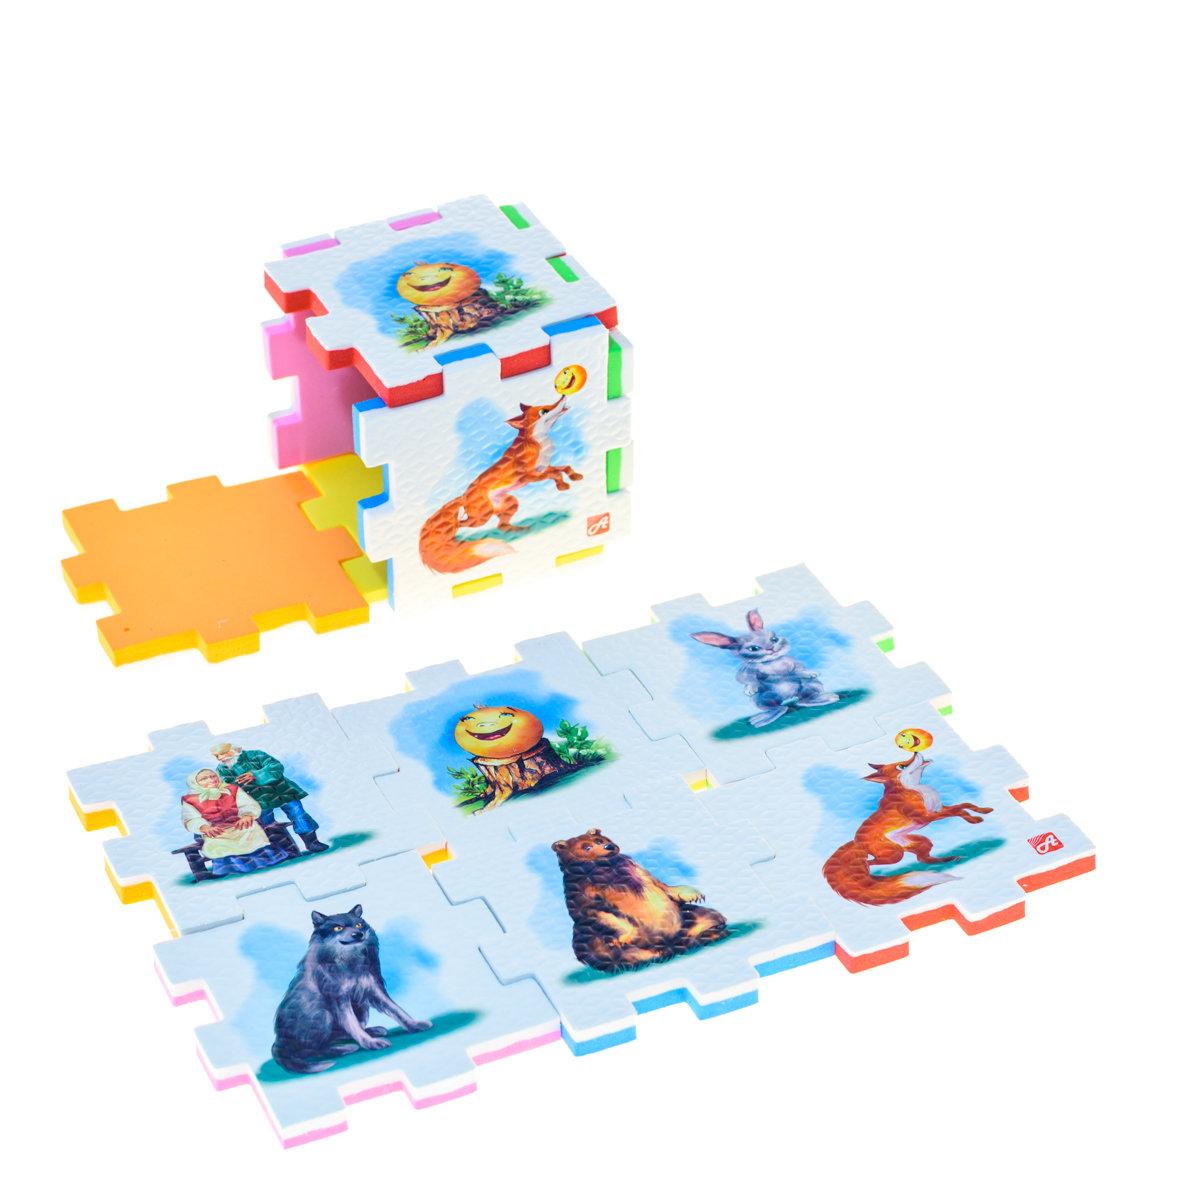 КОЛОБОК (1 кубик)